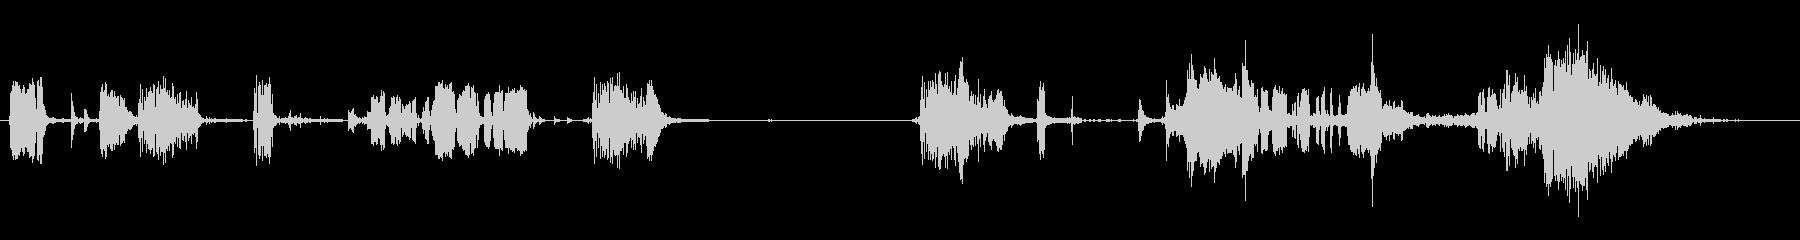 ワイルドザッピングアークとスパークの未再生の波形